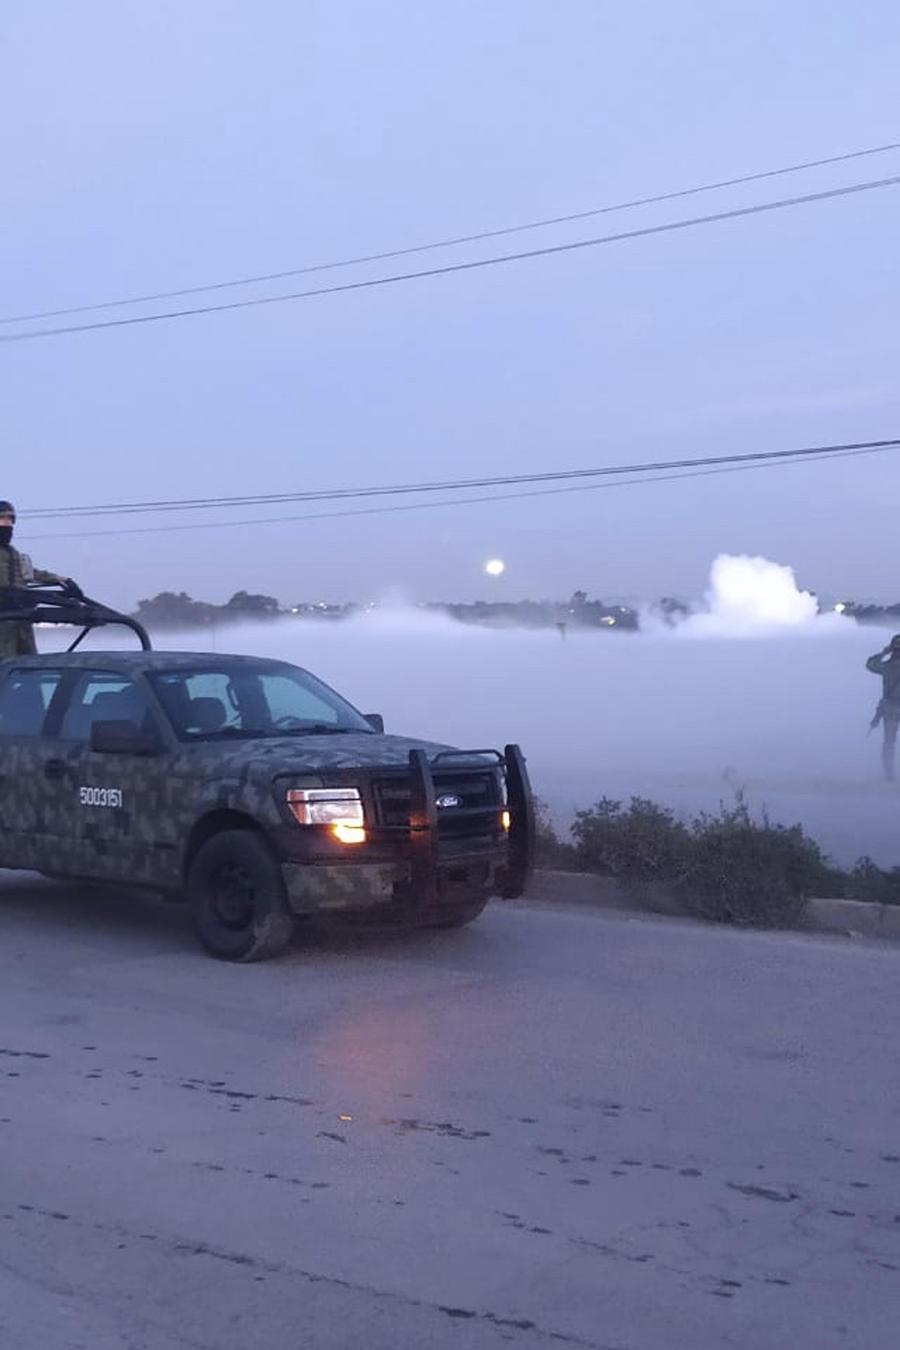 Militares vigilan una zona en medio de nubes de gas que escapa de una tubería al parecer debido a una toma clandestina en Nextlalpan, estado de México.